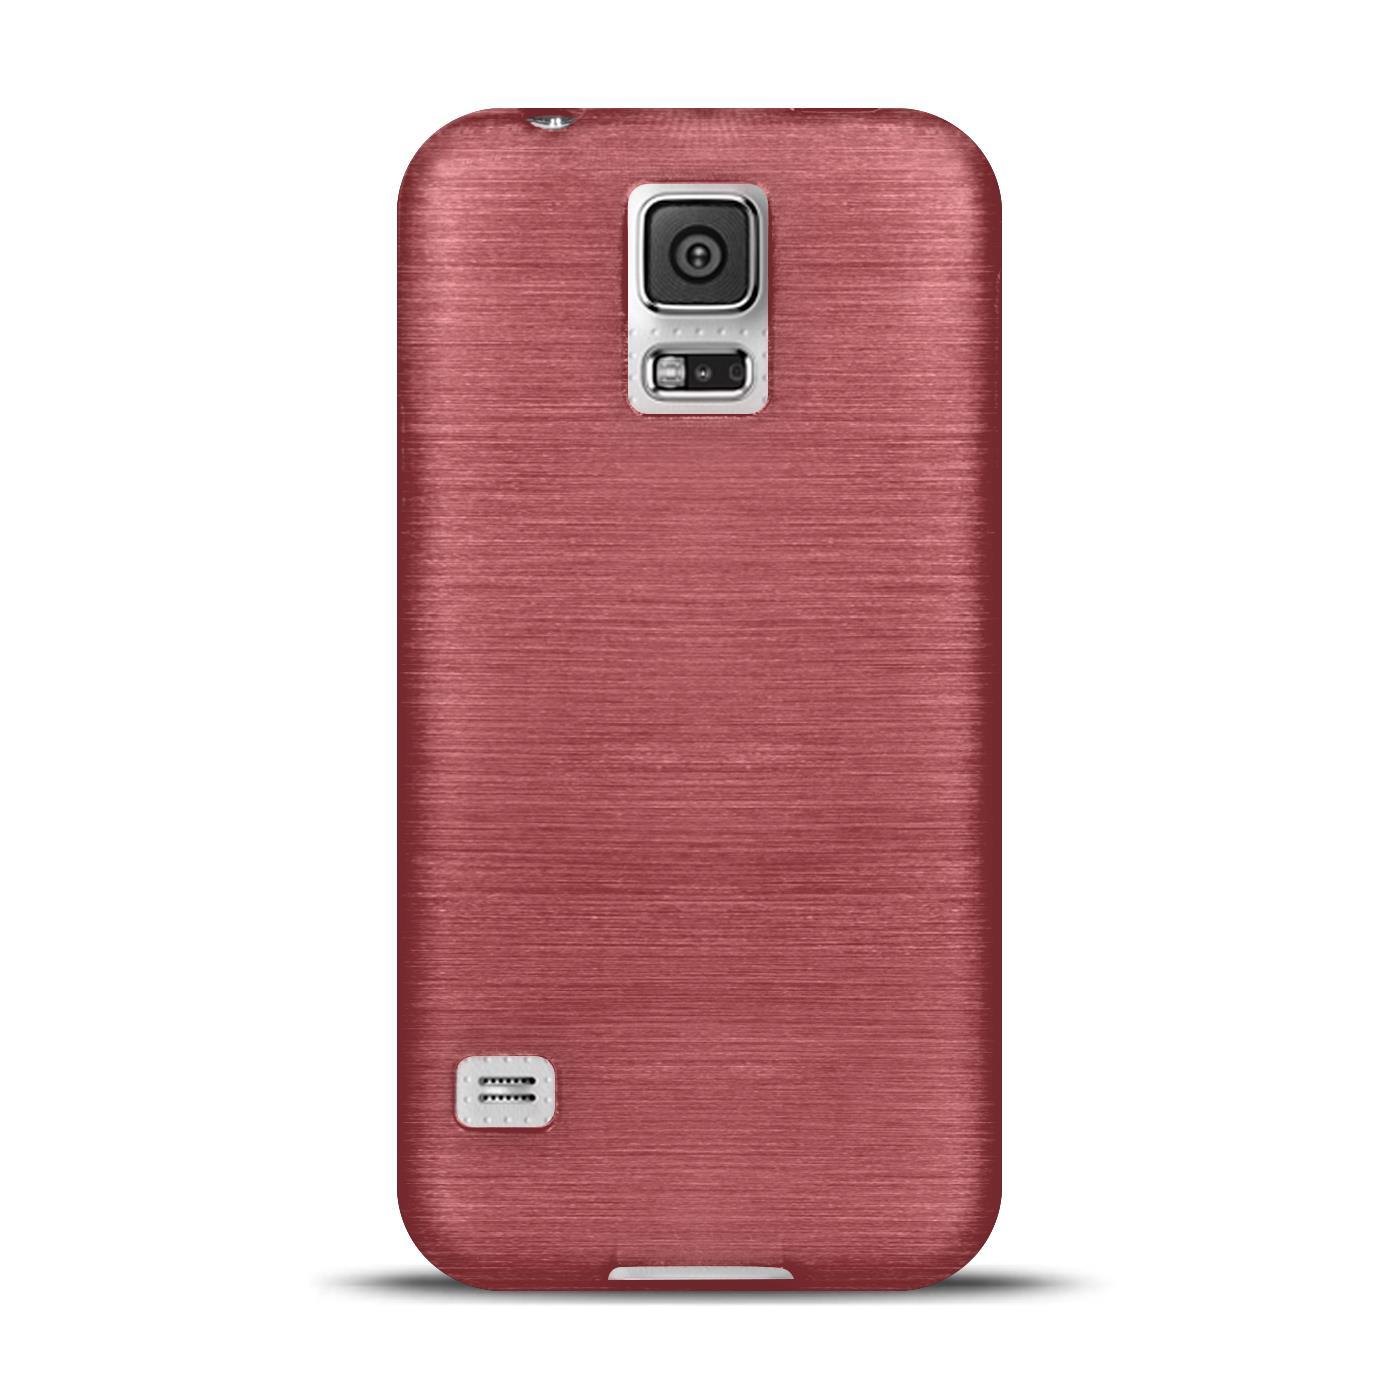 Silikon-Bumper-Case-Samsung-Galaxy-s5-Neo-duenne-ultra-slim-Stossfeste-Rueckschale Indexbild 22